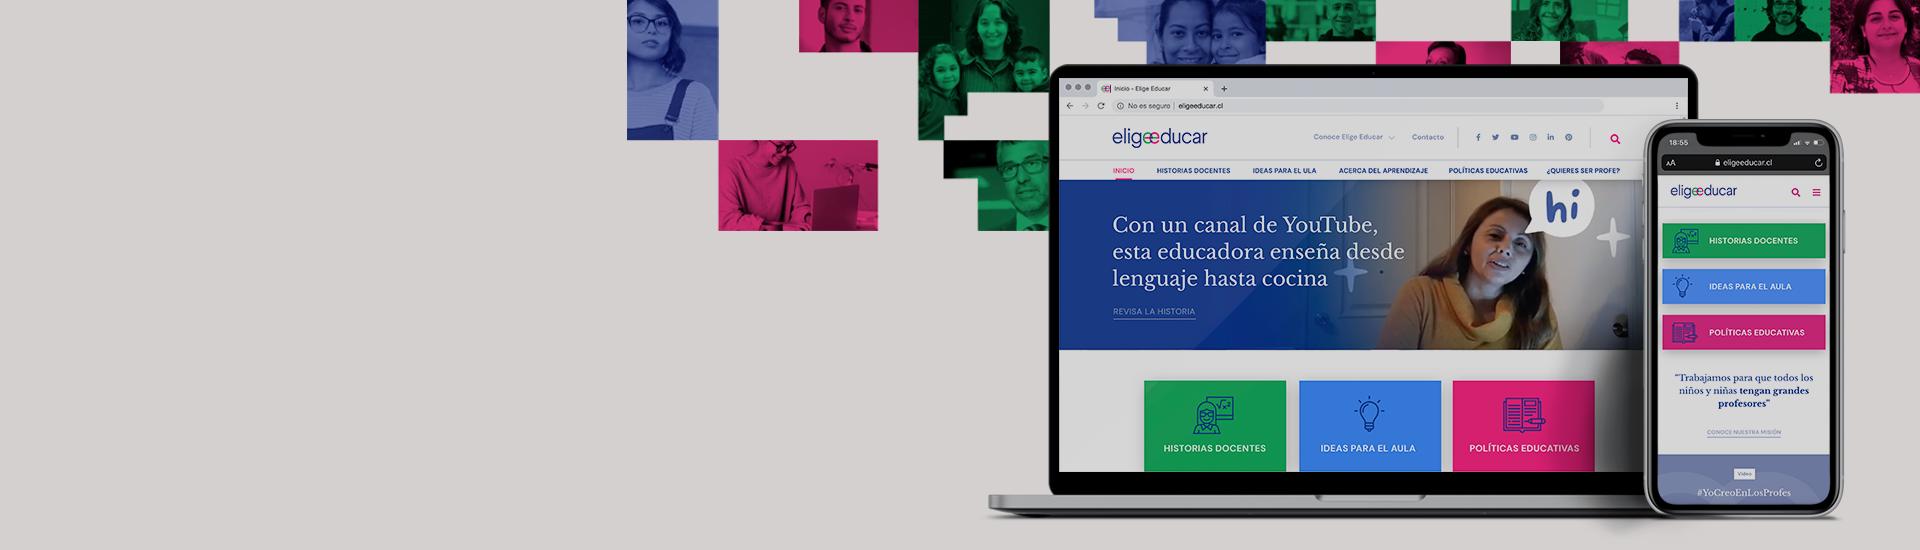 imagen que muestra una pantalla de un computador con e nuevo sitio web